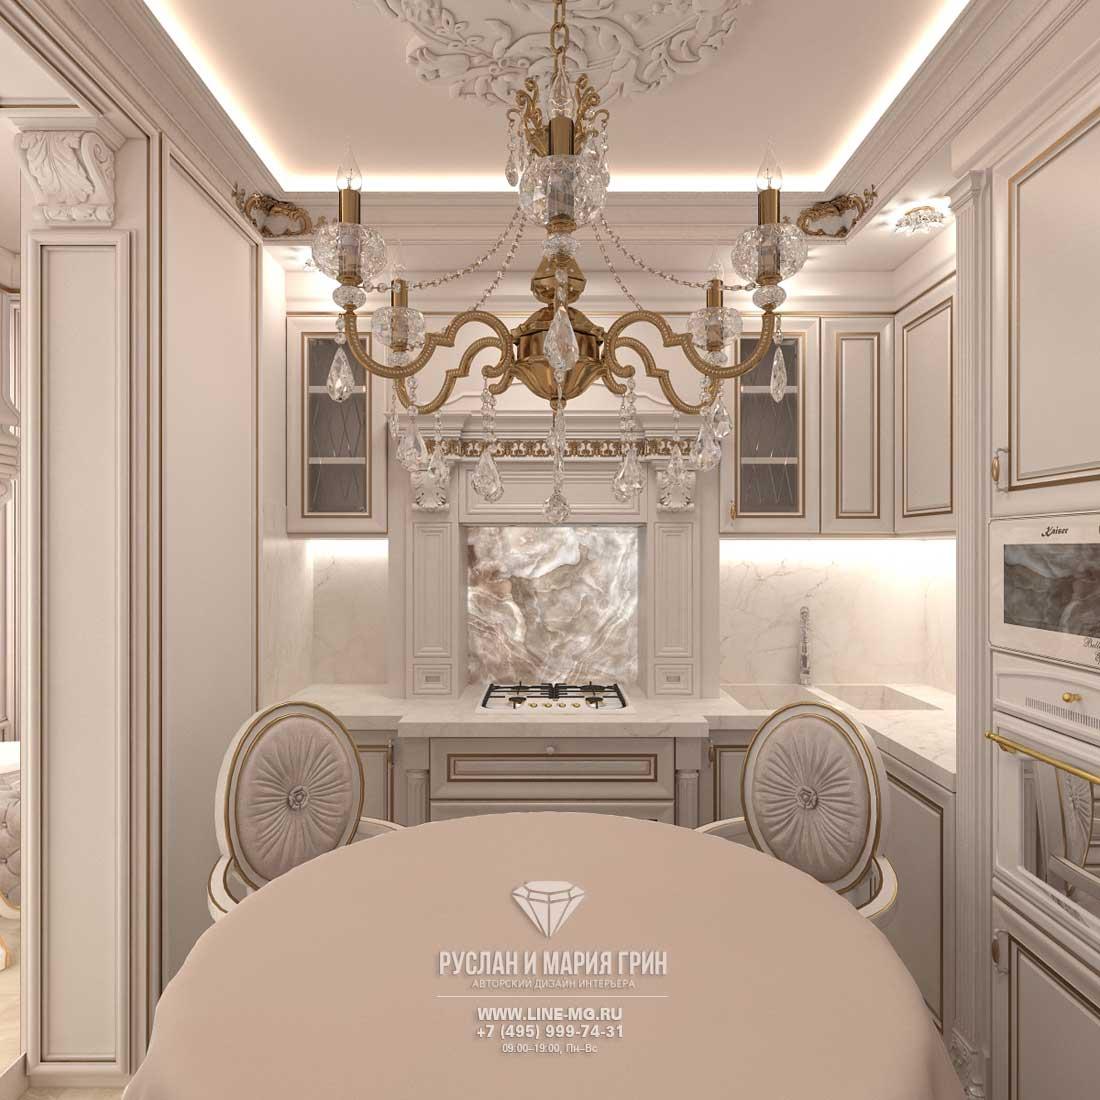 Дизайн красивой квартиры. Фото интерьера кухни